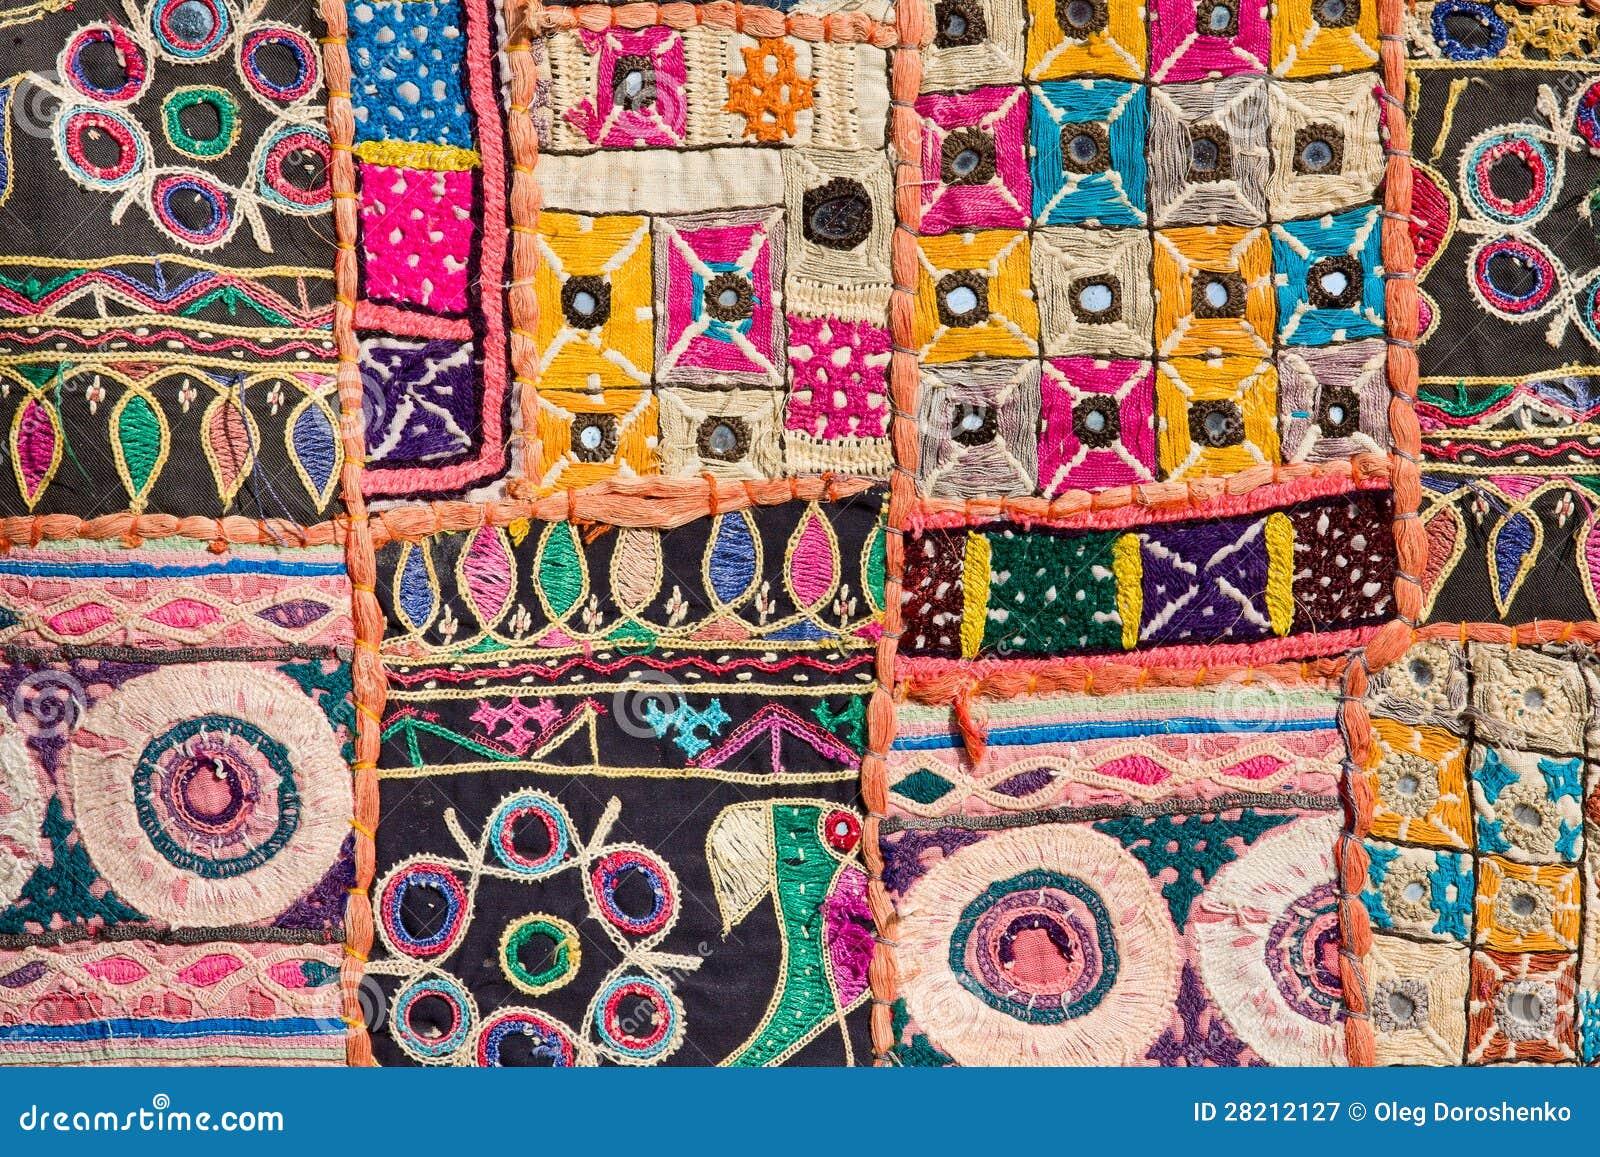 tapis indien de patchwork photographie stock libre de. Black Bedroom Furniture Sets. Home Design Ideas